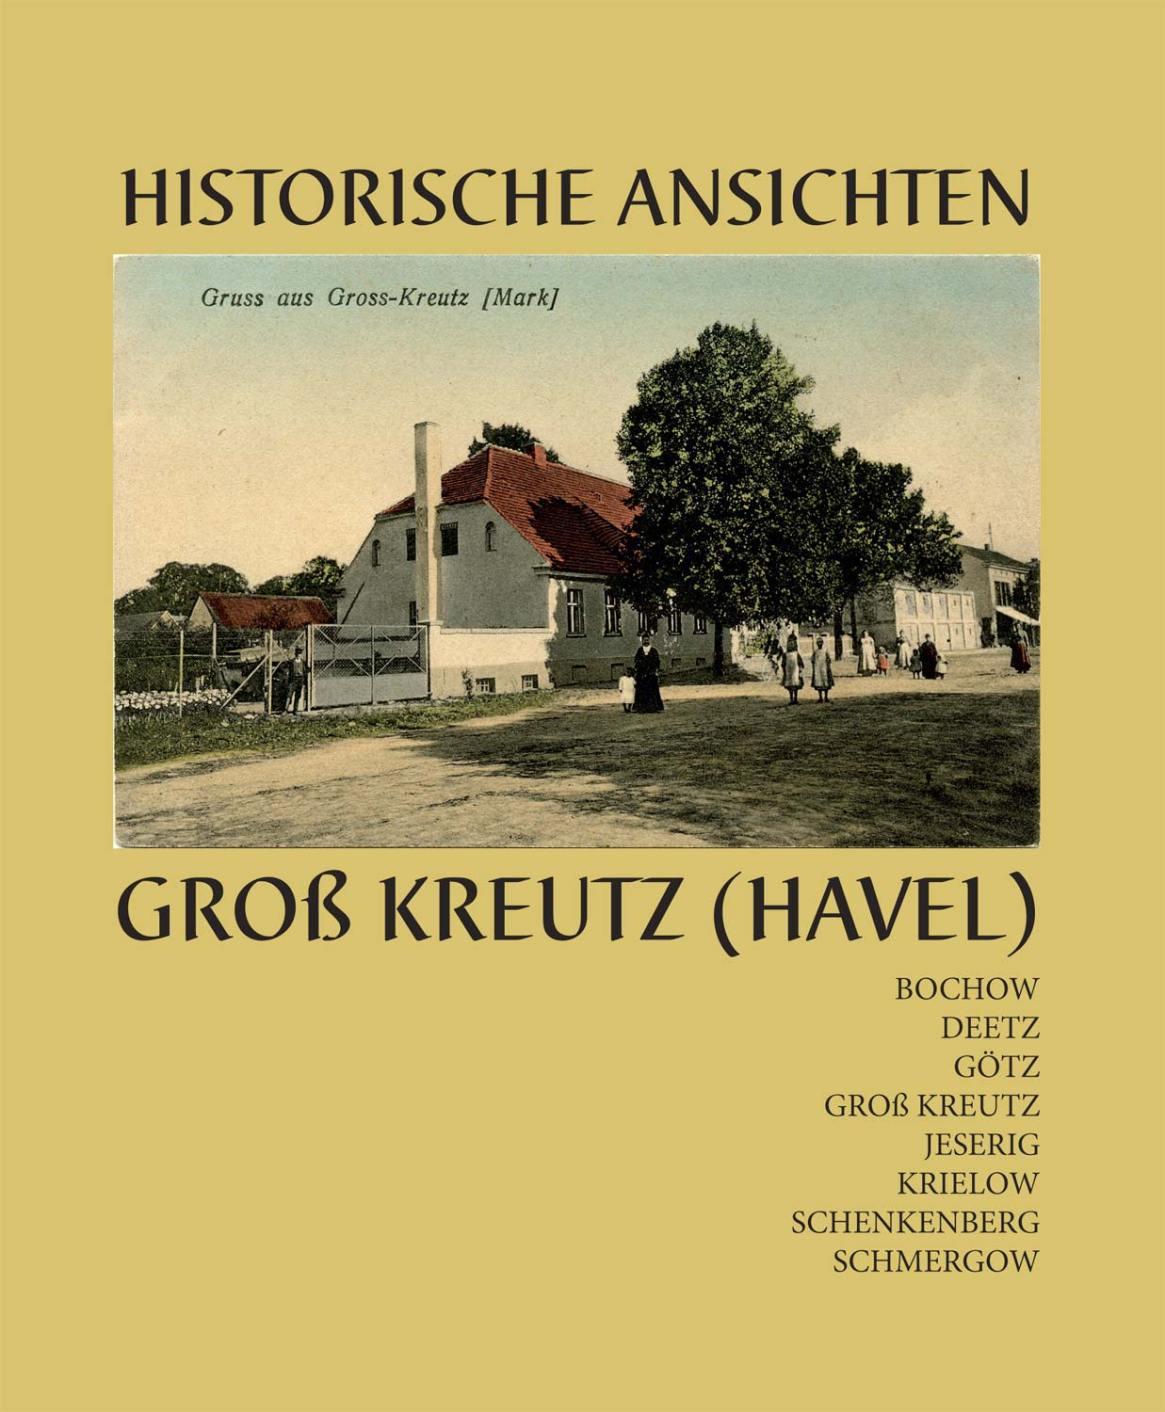 Historische-Ansichten-Titel